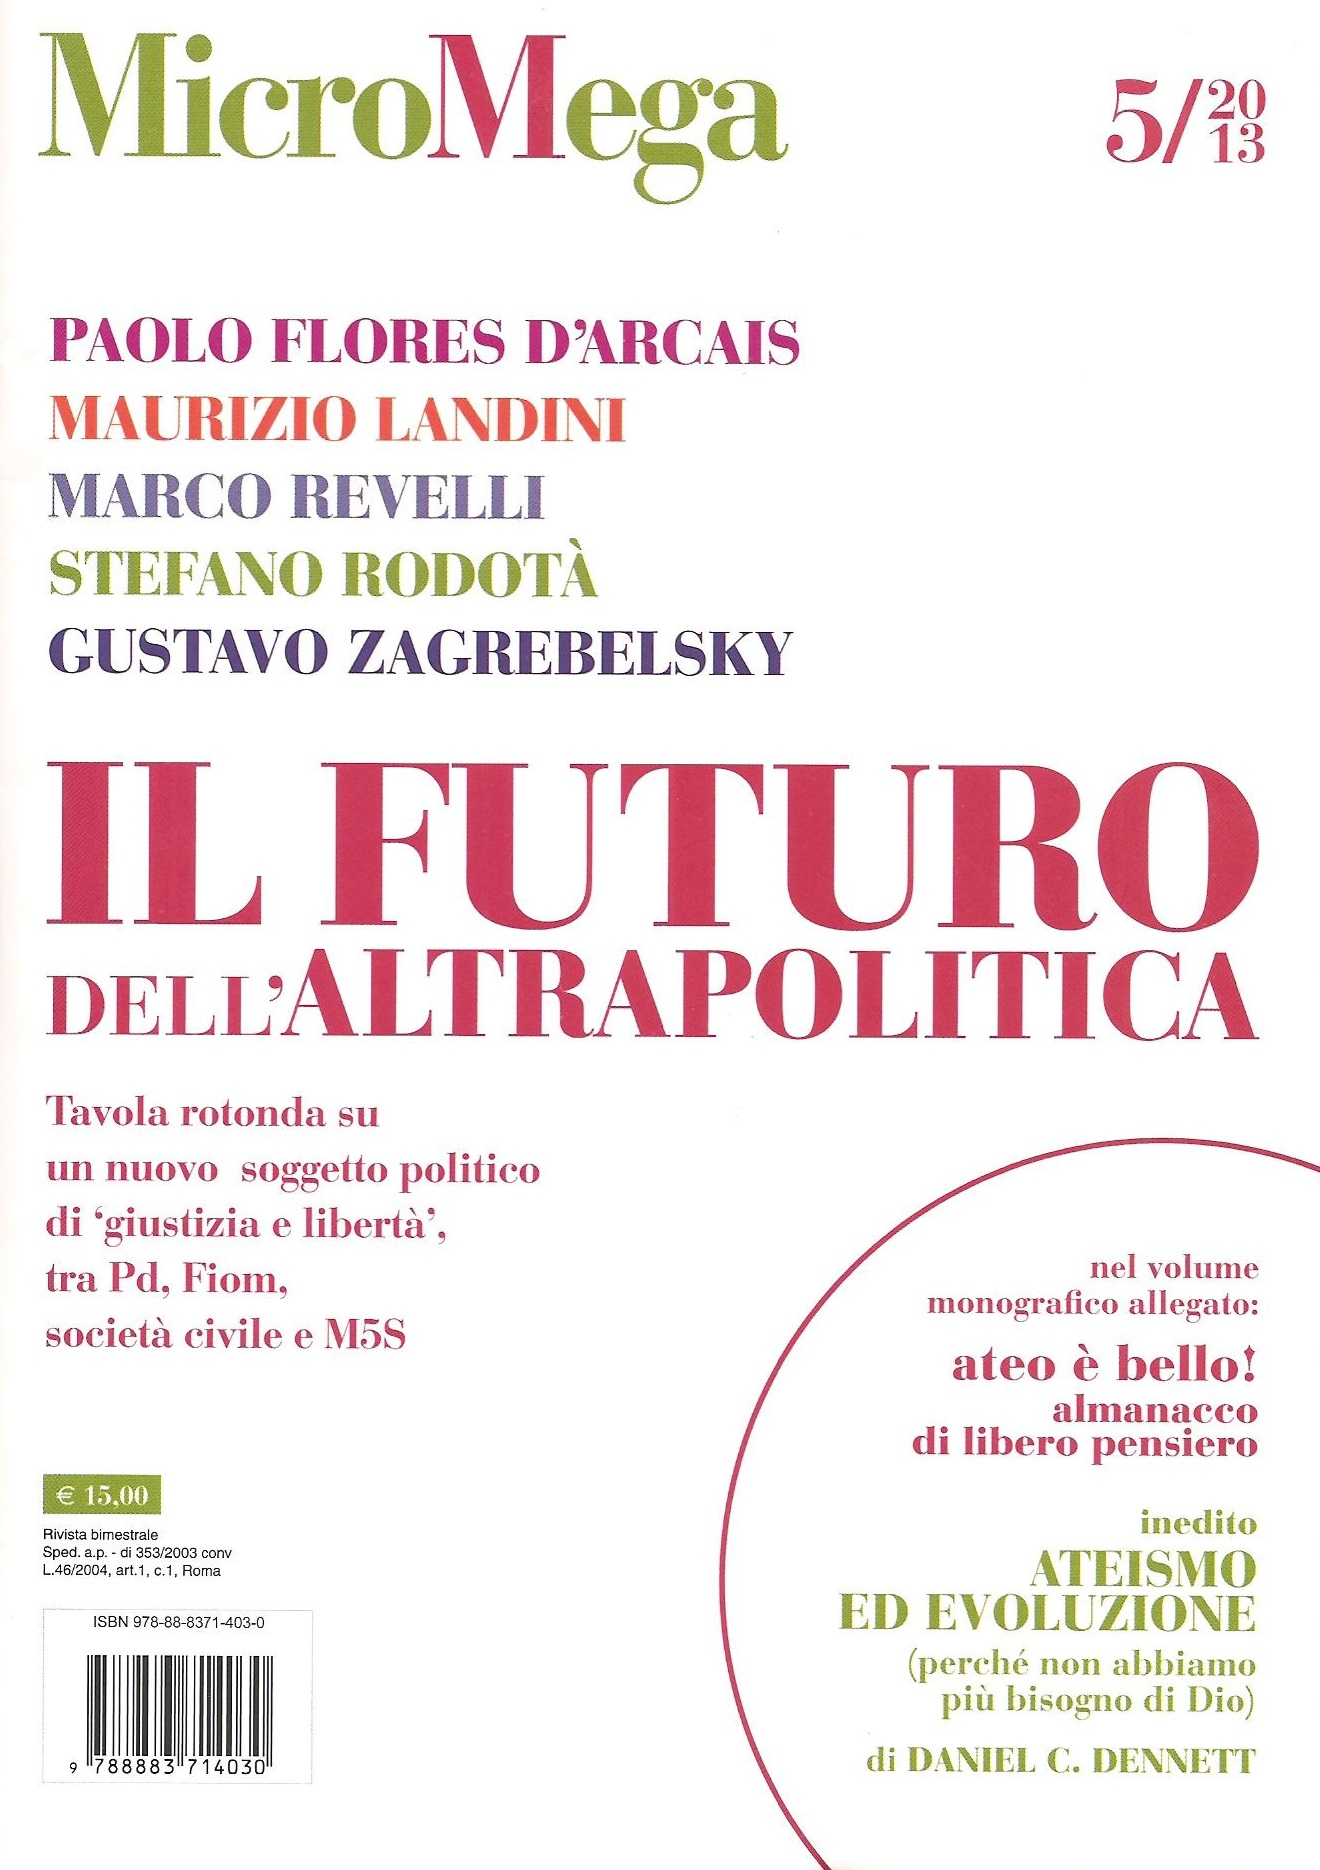 MicroMega 5/2013 - Il Futuro dell'Altrapolitica